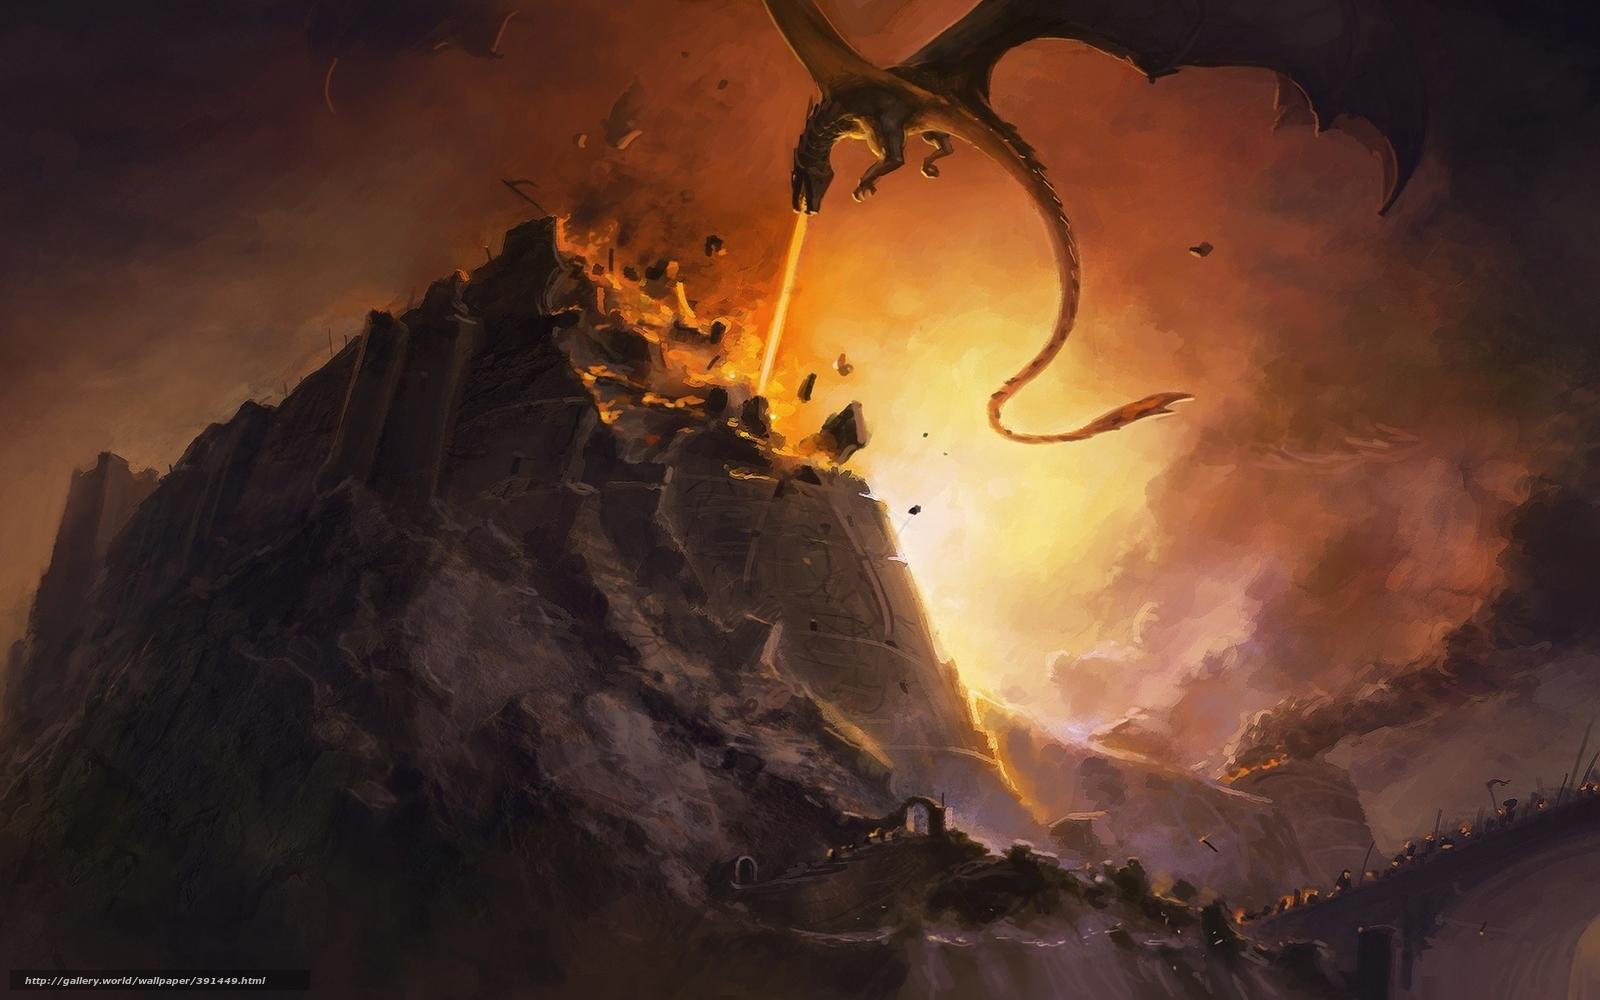 Download wallpaper Fall Nargotronda The Silmarillion JRR Tolkien 1600x1000